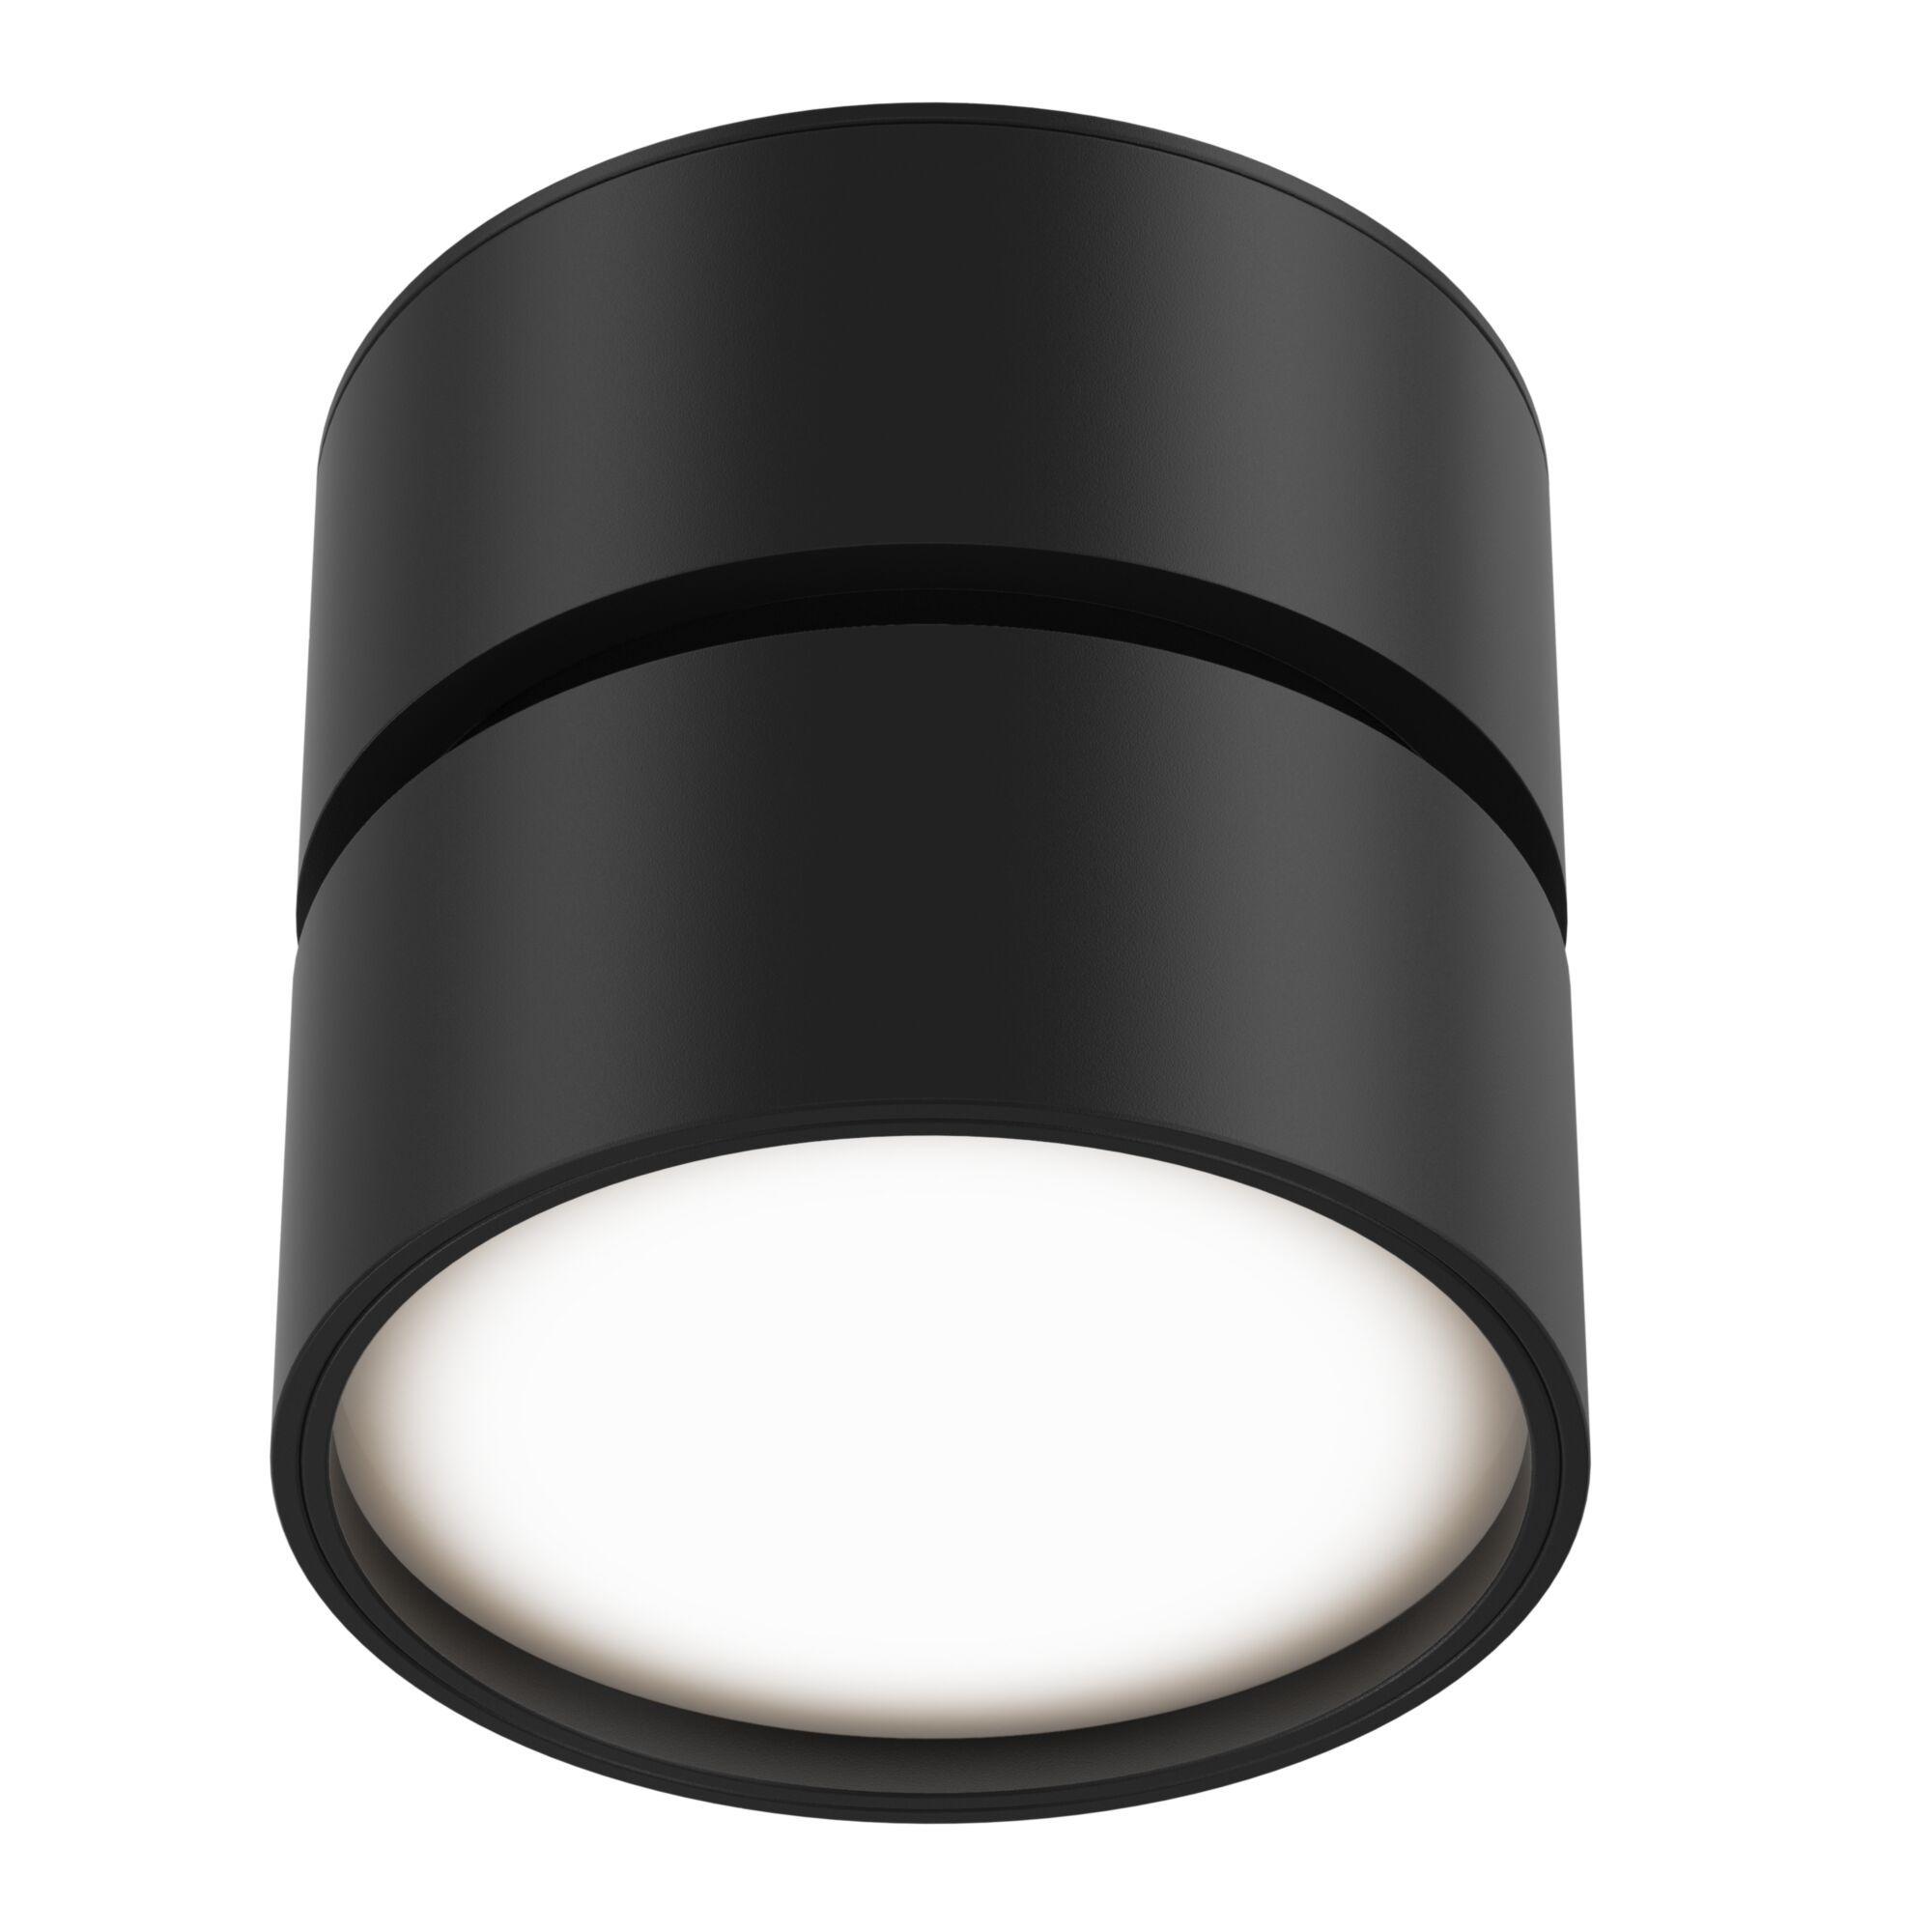 Светодиодный светильник Maytoni Onda C024CL-L12B3K, LED 12W 3000K 700lm CRI80, черный, металл, металл с пластиком - фото 4